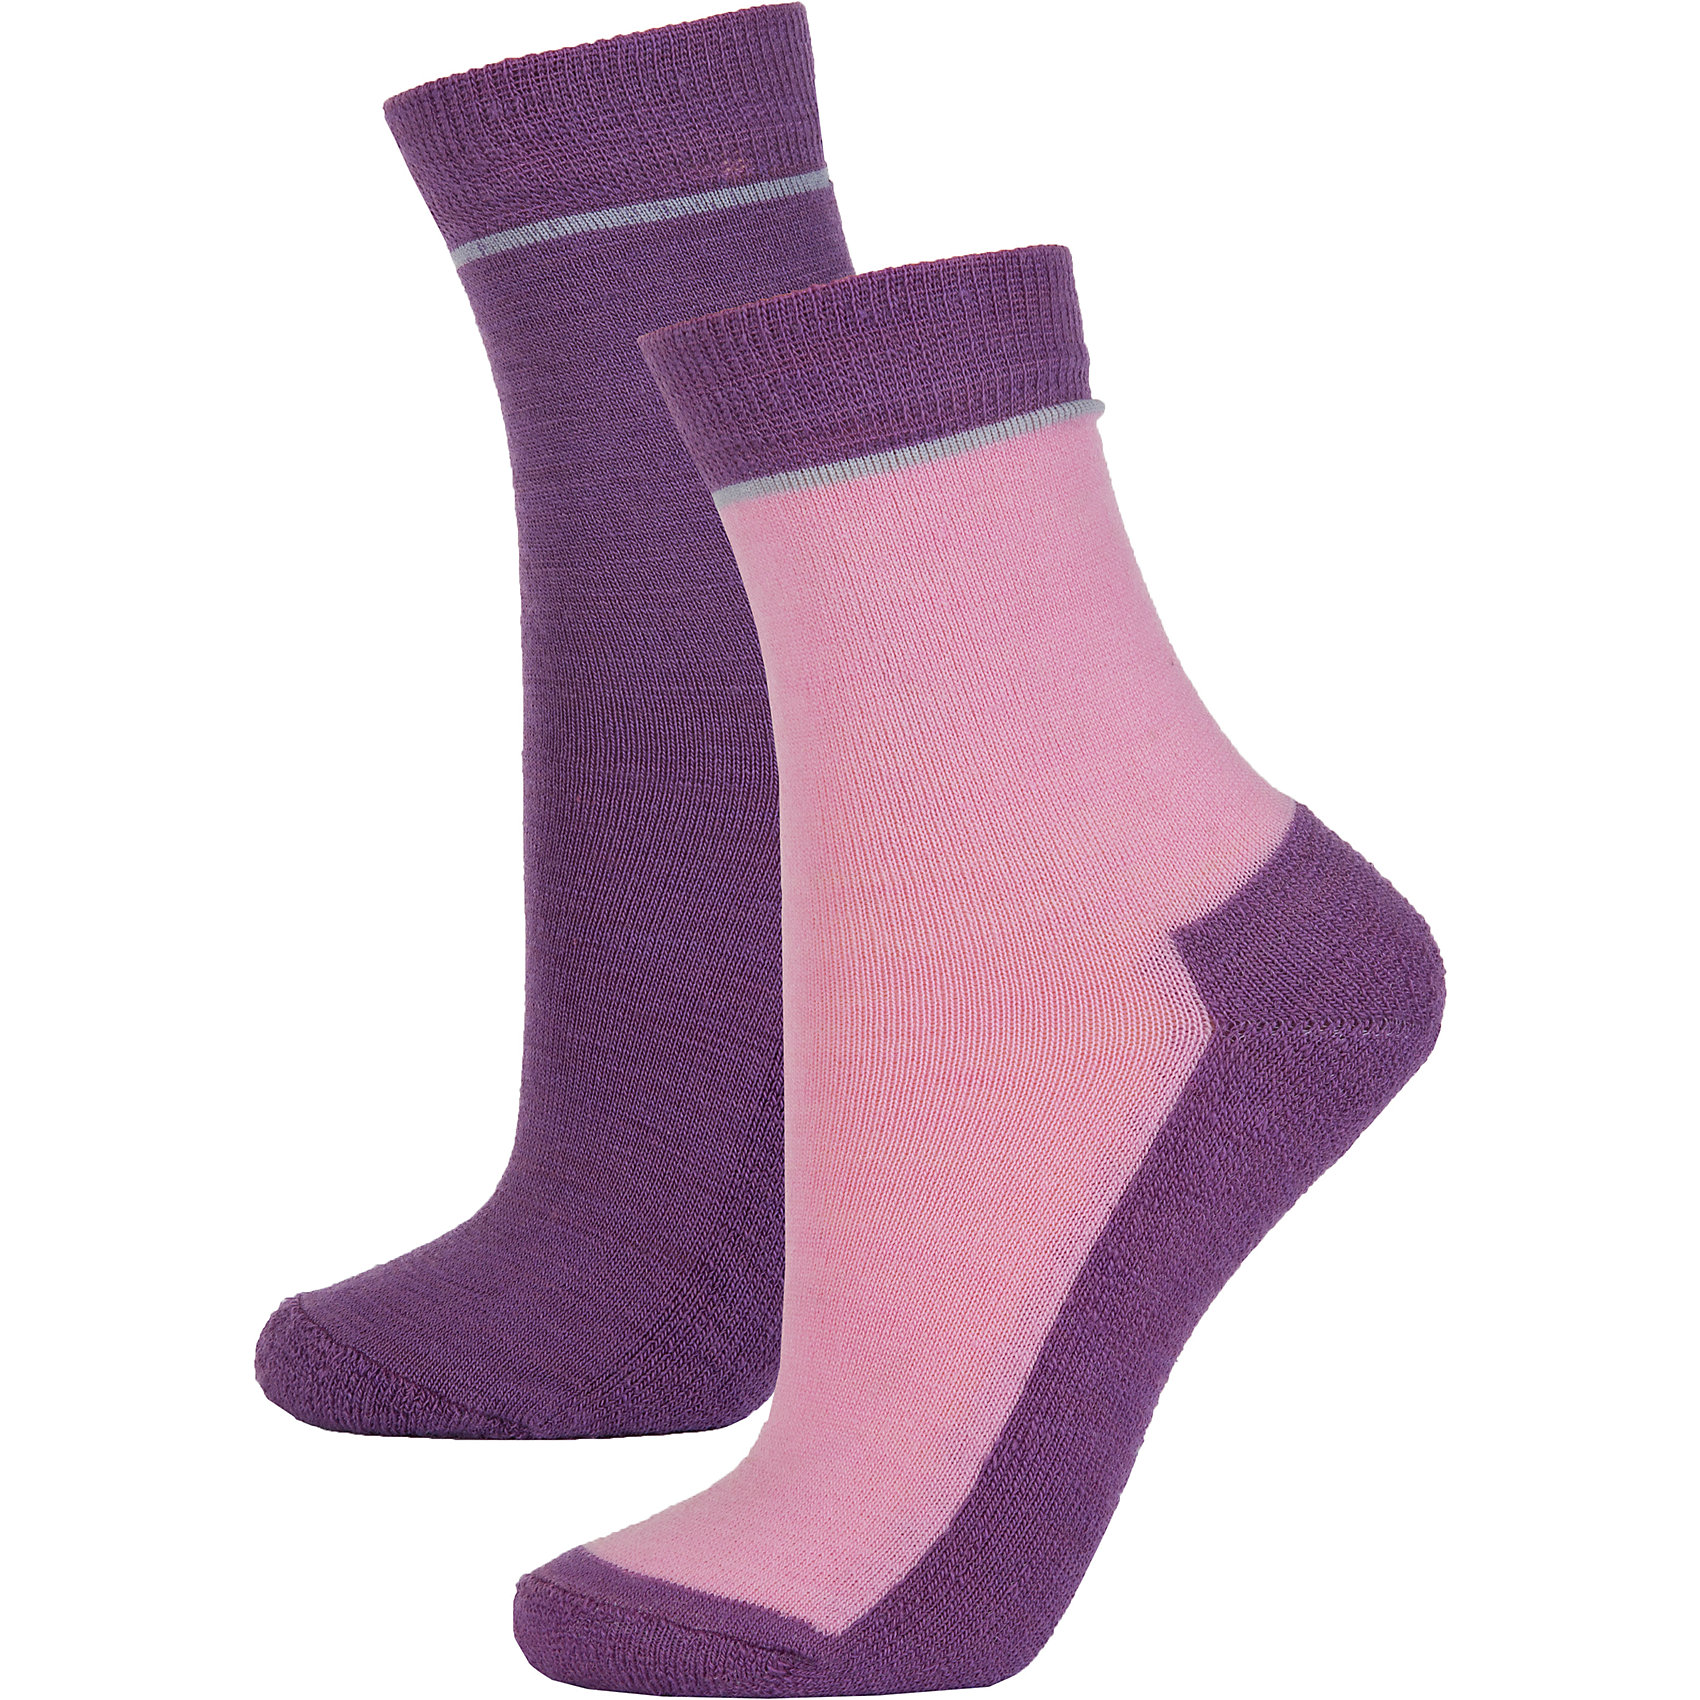 Носки: 2 пары  для девочки JanusНоски: 2 пары  для девочки известной марки Janus.<br><br>Теплые и мягкие махровые носочки Janus из  шерсти мериноса подарят тепло и комфорт вашему малышу, согревая его ножки в любую погоду. Две пары носочков с махровой вязкой на ступне идеальны для длительных прогулок в осенне-зимний сезон. Между махровыми петельками создается воздушная прослойка, обеспечивающая дополнительное тепло, а значит, в таких носках ребенок не замерзнет и не простудится даже в самый сильный мороз.<br><br>Уникальные антиаллергенные свойства мериносовой шерсти позволяют надевать носочки Janus на голую ногу, не вызывая раздражения кожи. Мягкий, приятный на ощупь и легкий в уходе материал позволит ребенку чувствовать себя комфортно и дома, и на прогулке. <br><br>Состав: 68% шерсть, 30% полиамид, 2% эластан<br><br>Ширина мм: 87<br>Глубина мм: 10<br>Высота мм: 105<br>Вес г: 115<br>Цвет: розовый<br>Возраст от месяцев: 84<br>Возраст до месяцев: 120<br>Пол: Женский<br>Возраст: Детский<br>Размер: 30-34,25-29,35-39,20-24<br>SKU: 4913760